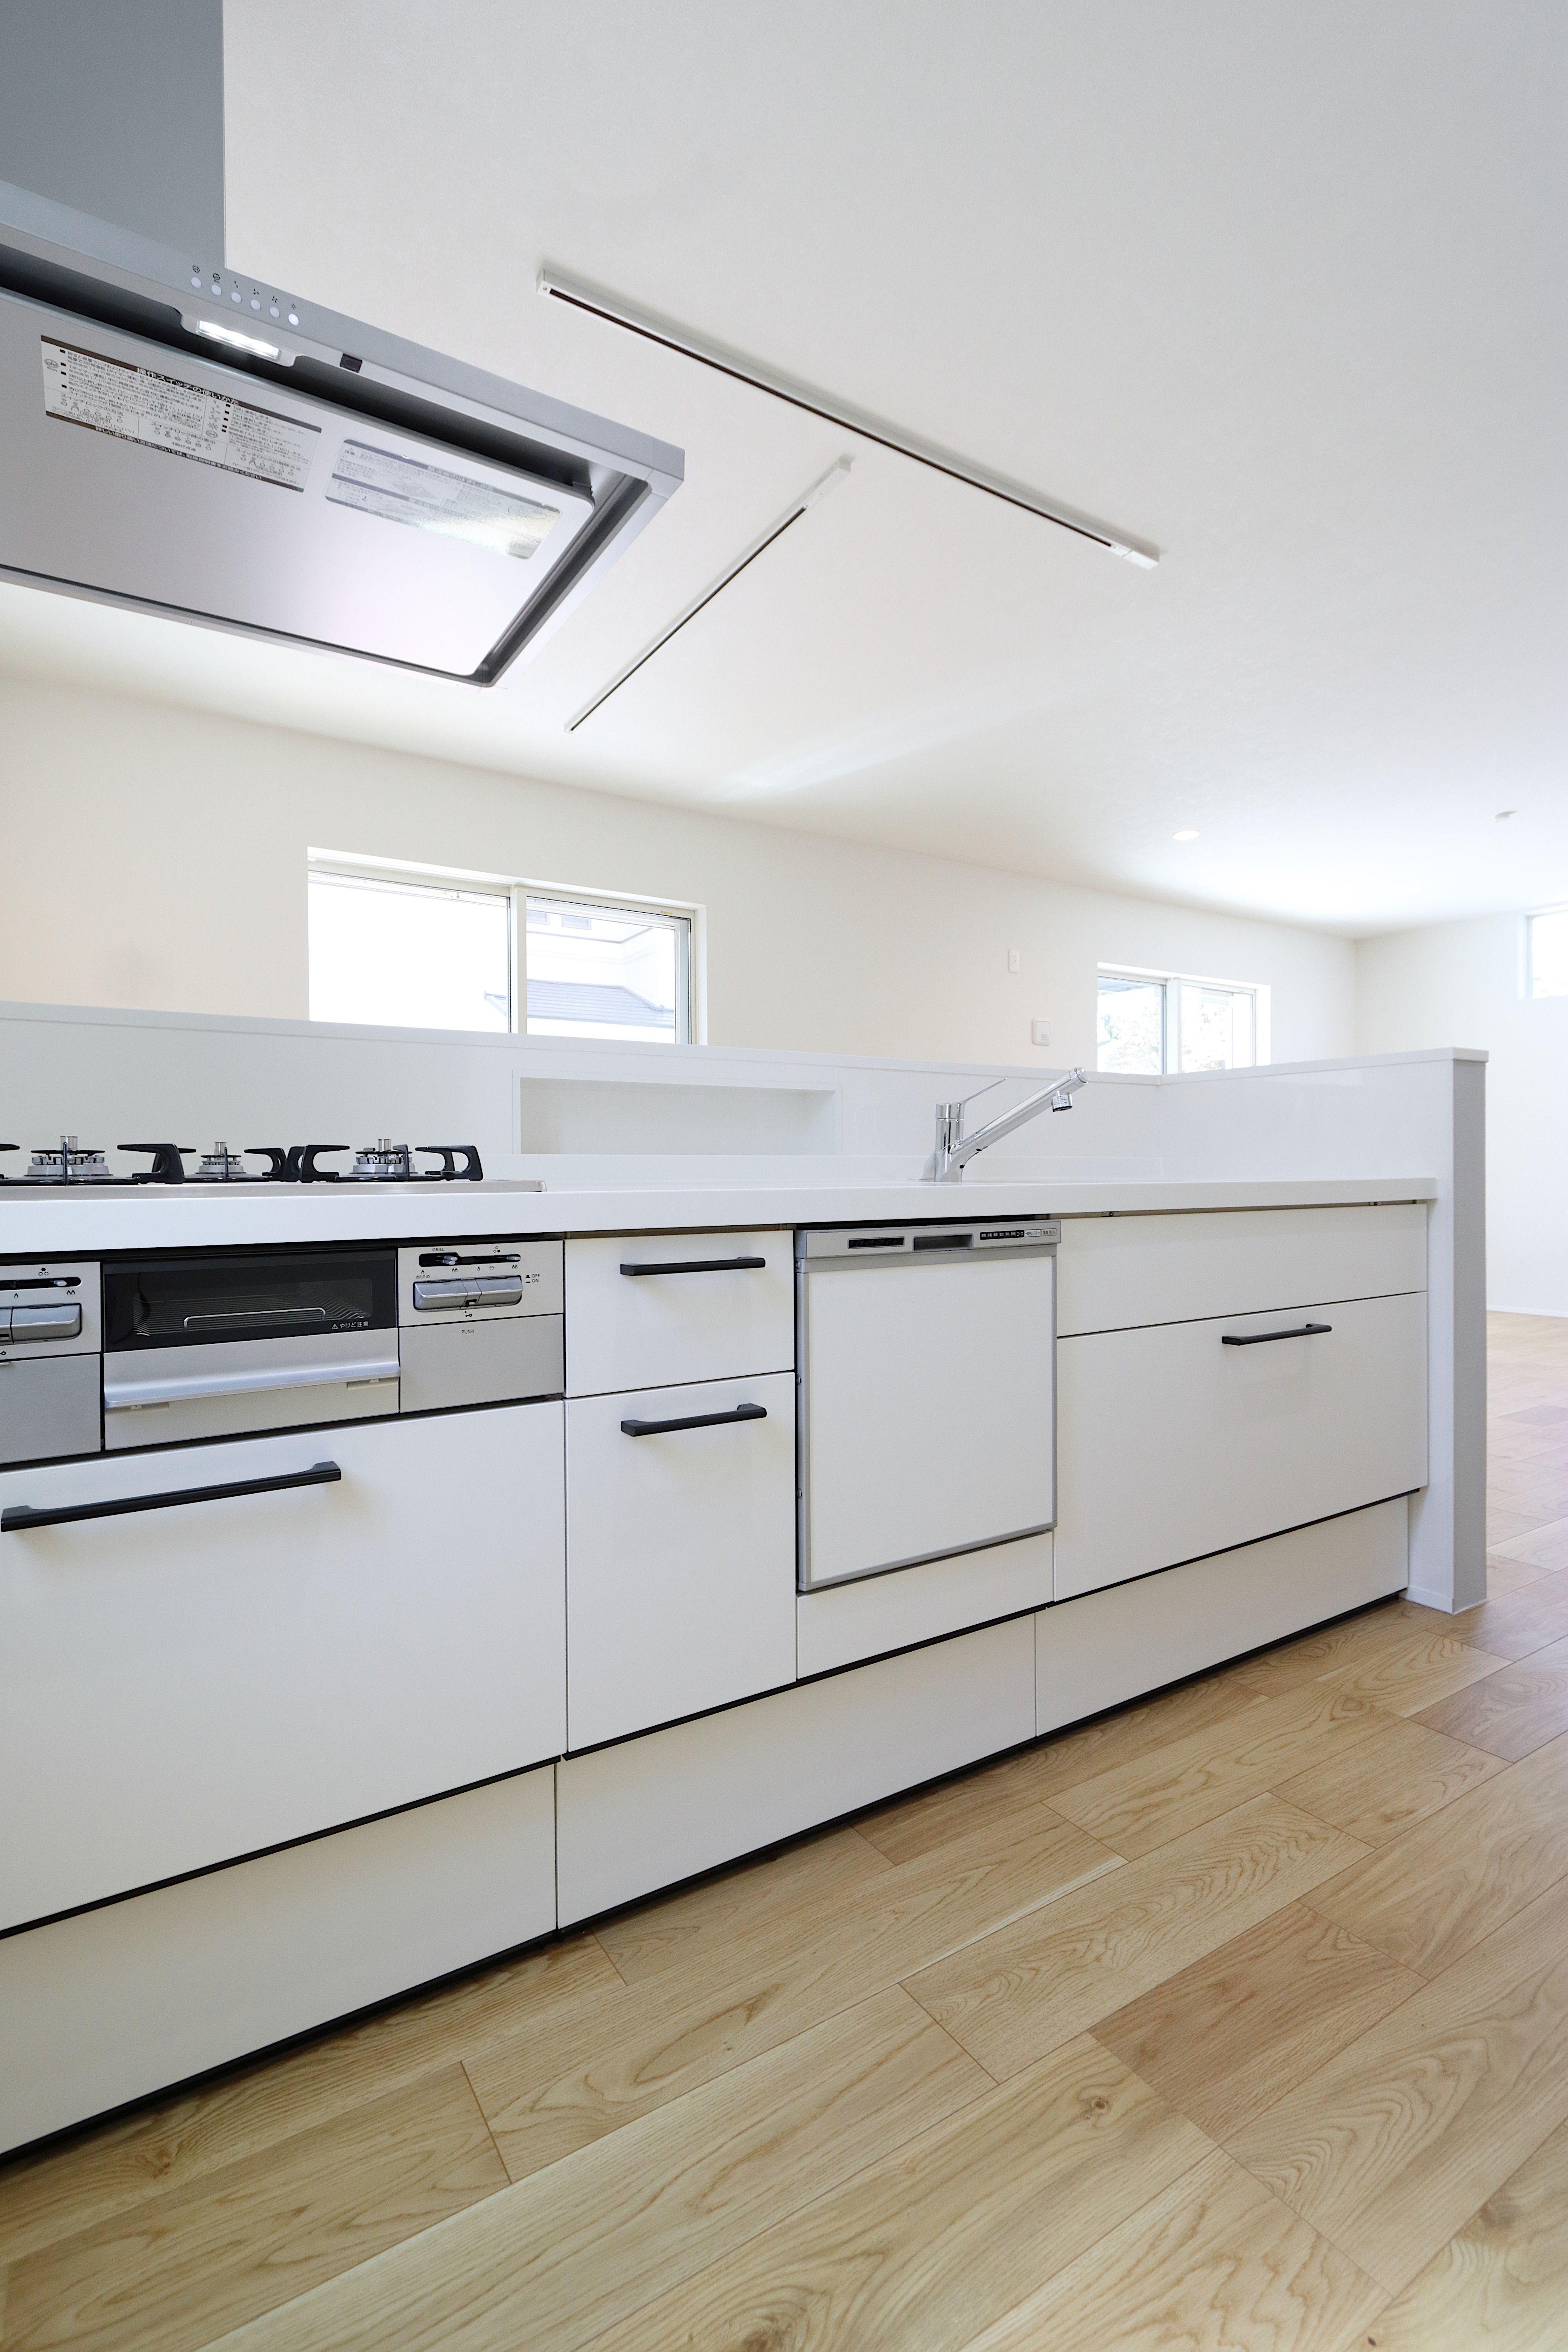 シンプルナチュラルなここちいい家2 東京で注文住宅を建てるジェネシスの施工写真集 キッチンデザイン ジェネシス アレスタ